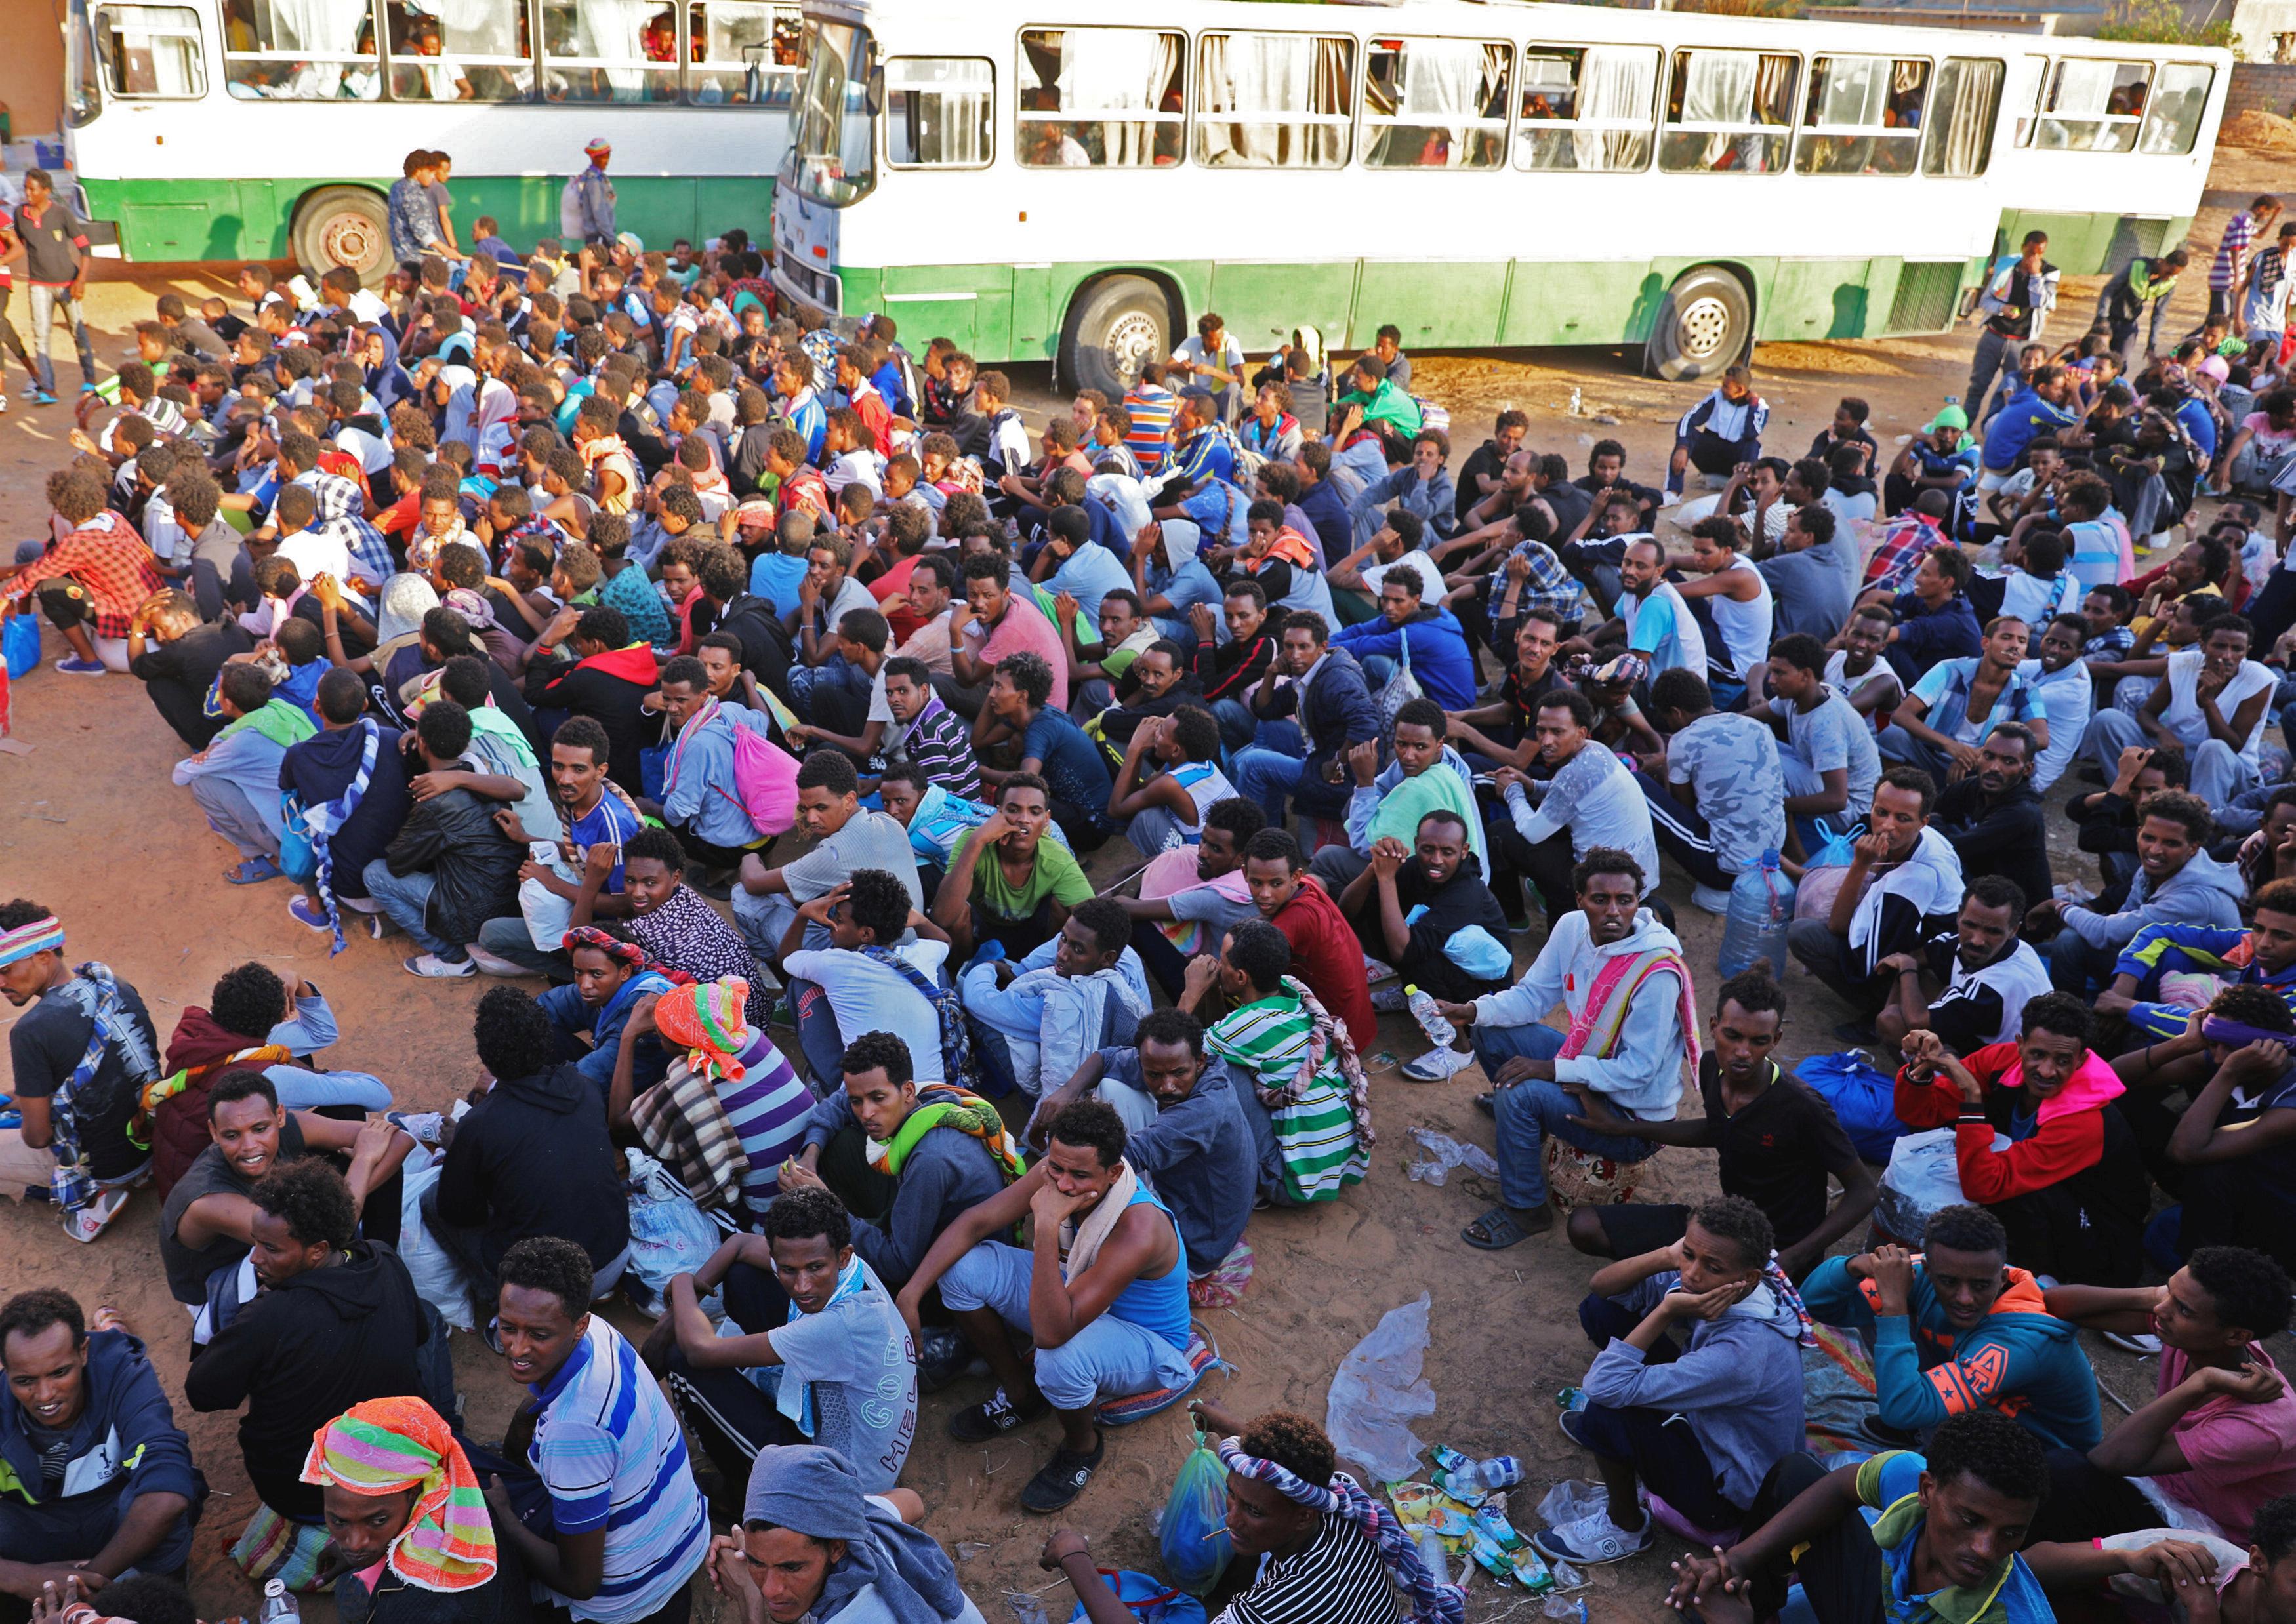 مهاجرون ينتظرون إعادة توزيعهم بعد إخلائهم من مركز آخر بسبب الاشتباكات وإصابة بعضهم